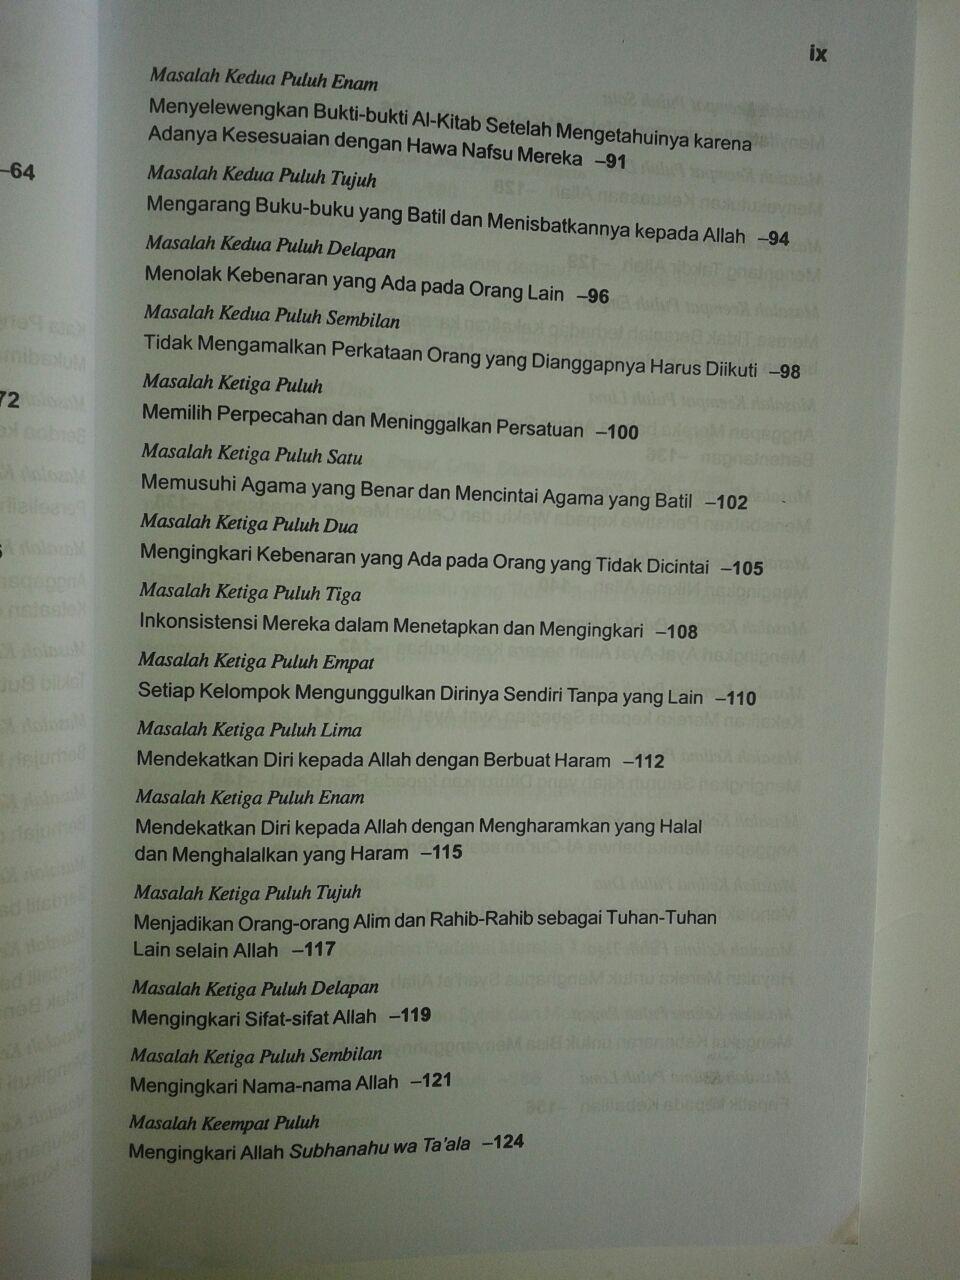 Buku Syarah Problematika Jahiliyah isi